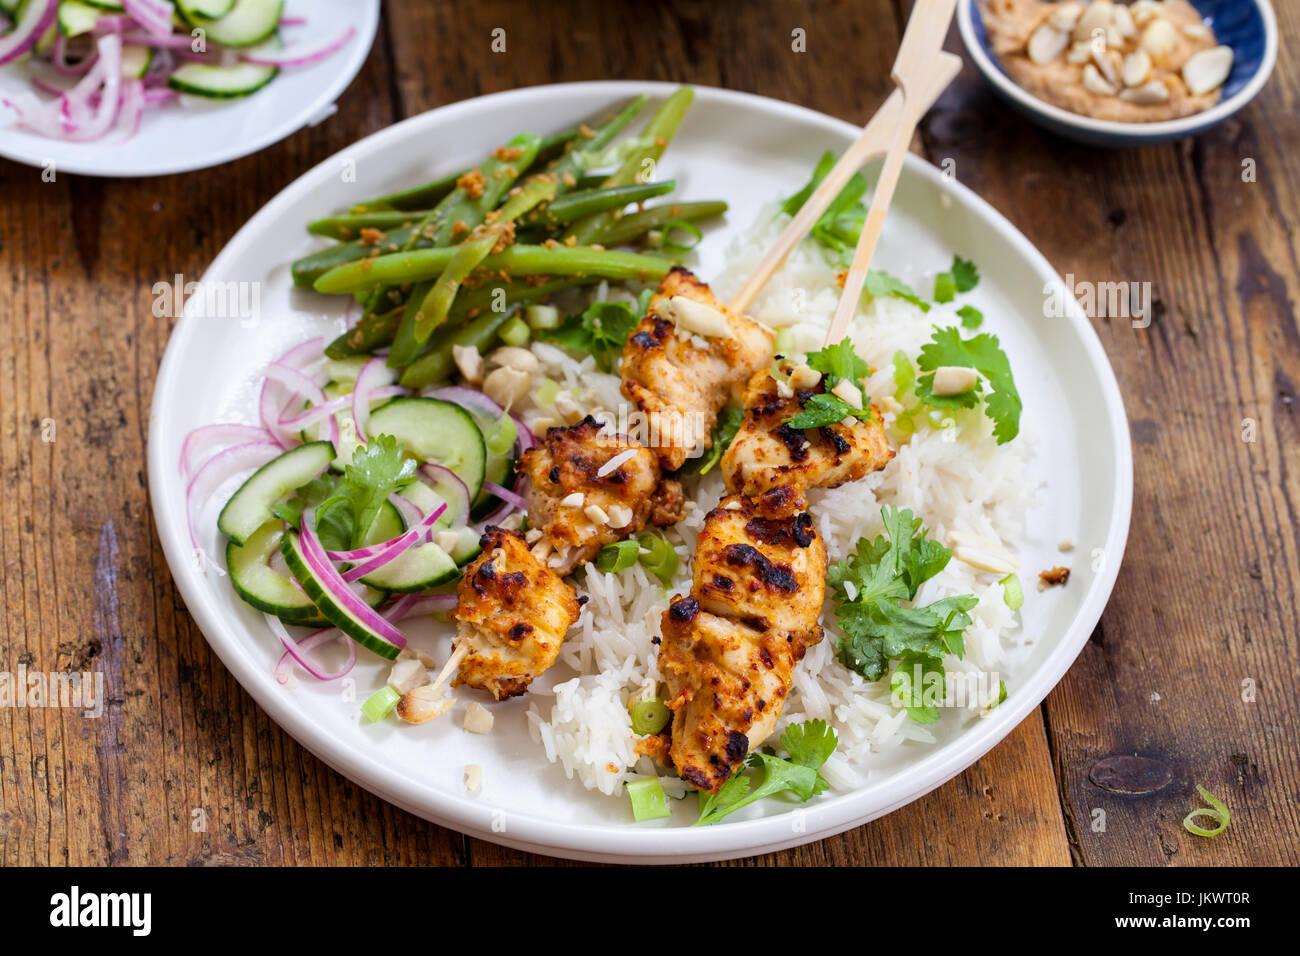 Satay spiedini di pollo con riso e insalata di cetrioli e fagiolini Immagini Stock